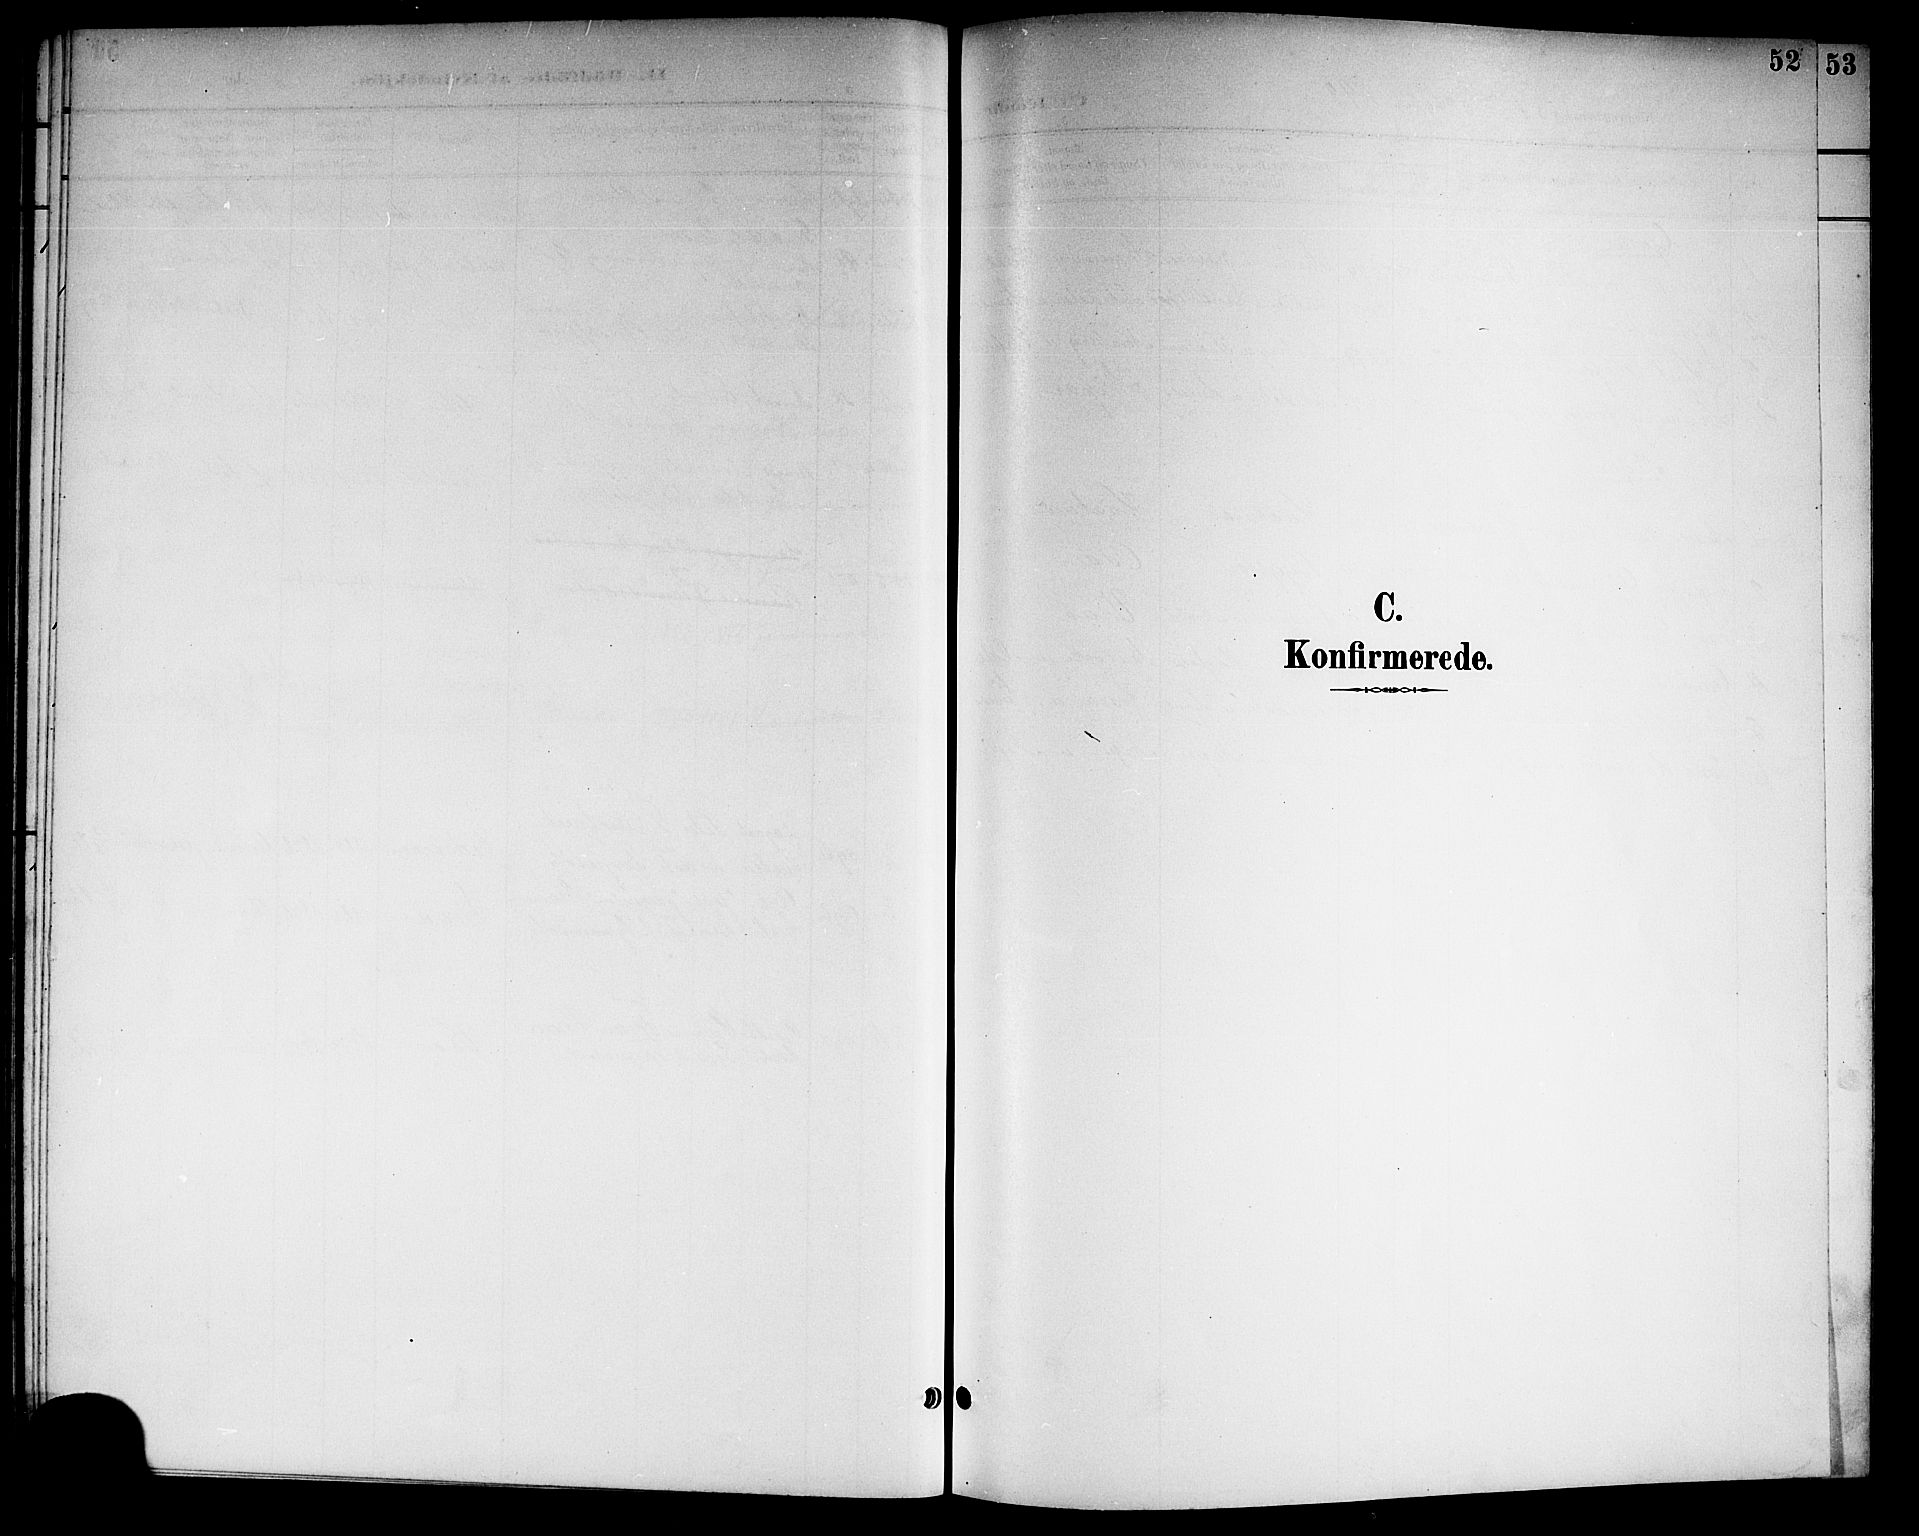 SAKO, Kviteseid kirkebøker, G/Gc/L0001: Klokkerbok nr. III 1, 1893-1916, s. 52